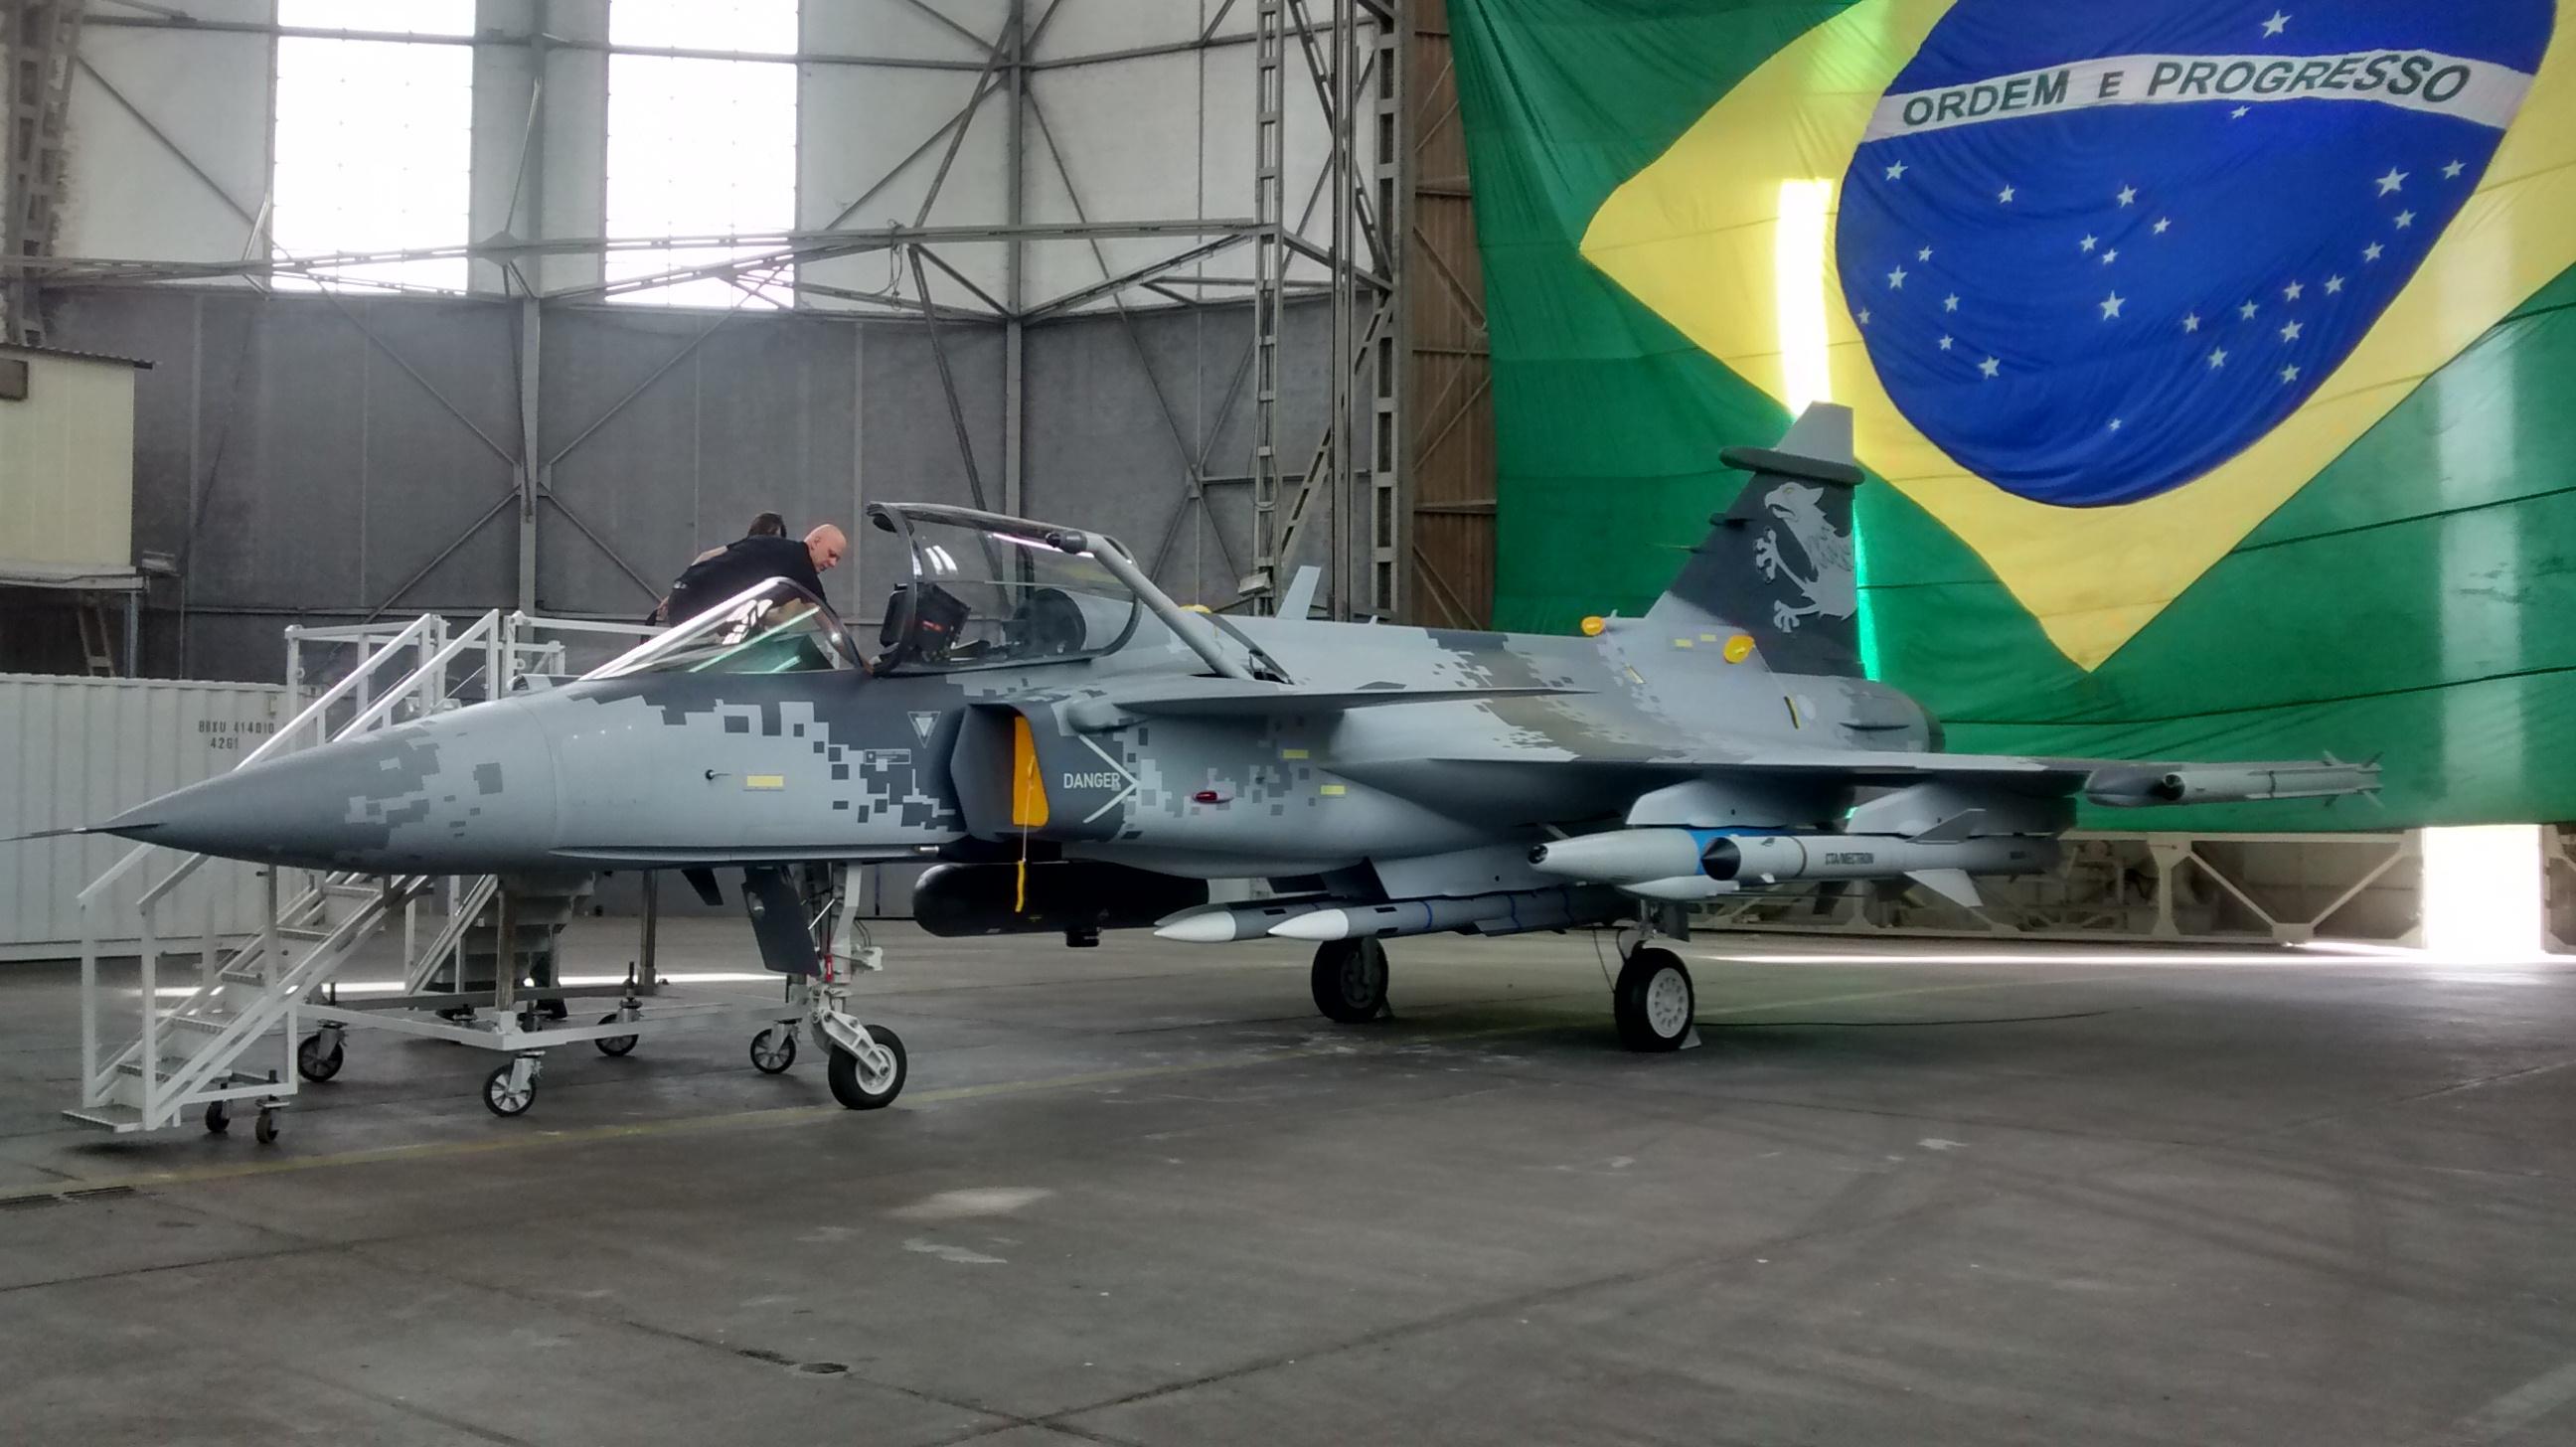 SAAB GRIPEN:  Rossato e Saito  prestaram depoimento sobre suposto tráfico de influência de Lula  na compra de caças suecos